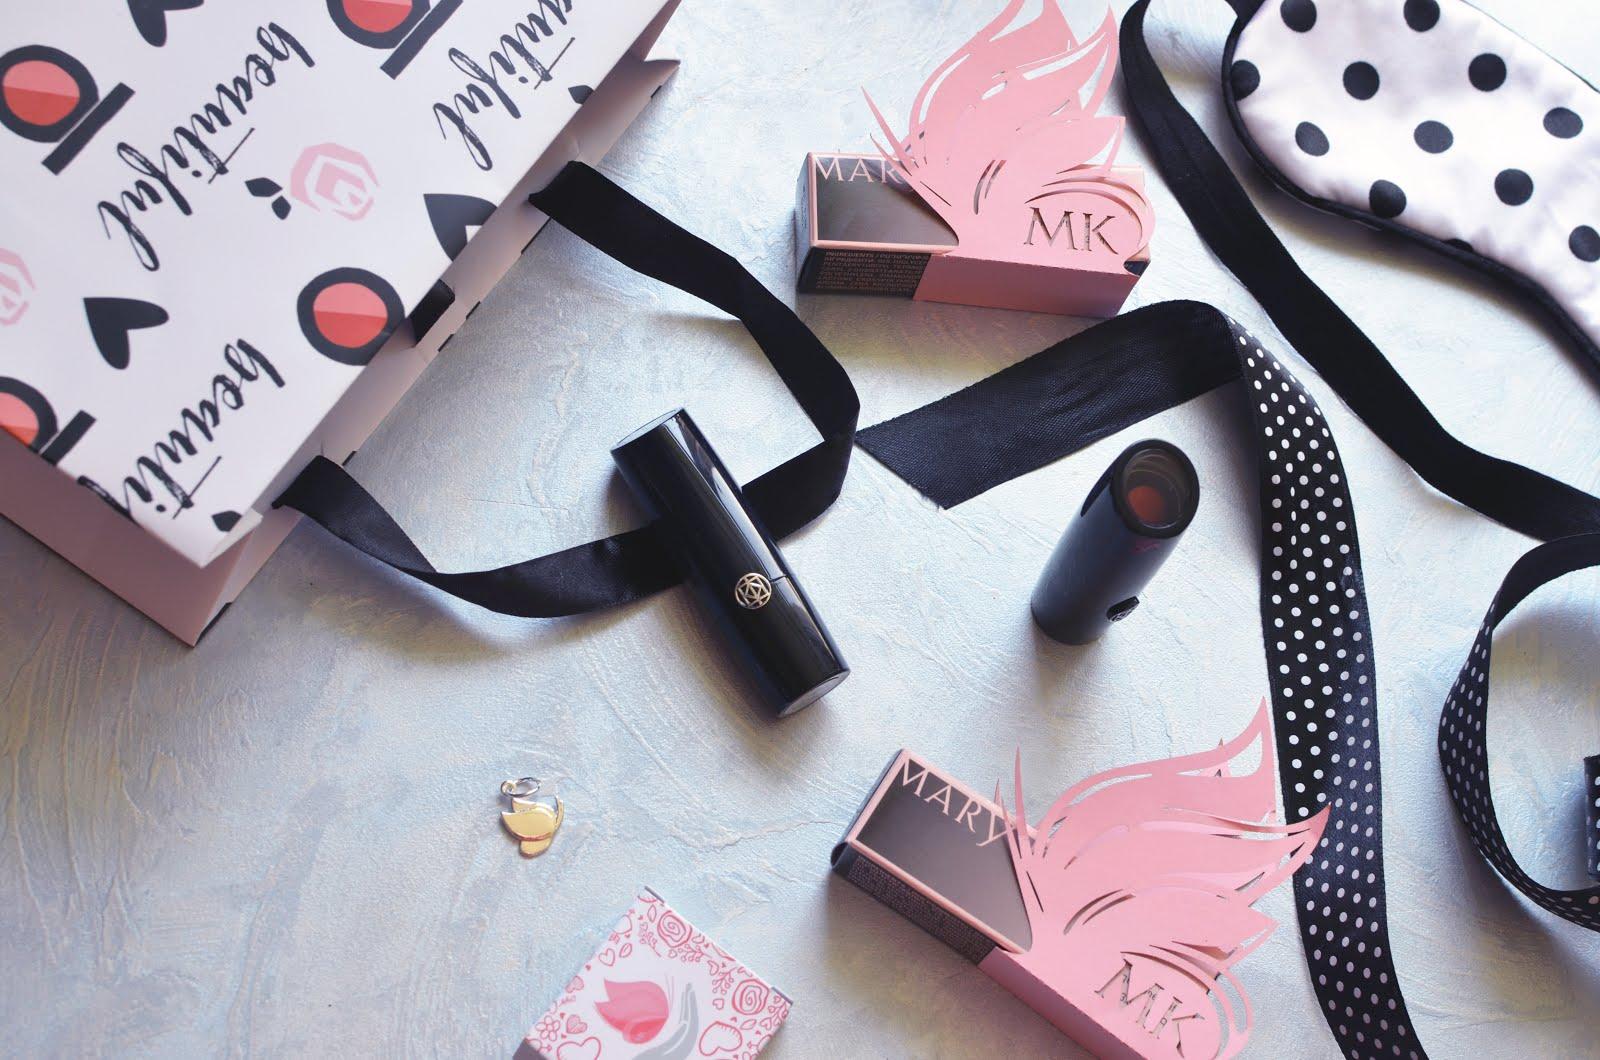 MARY KAY Gel Semi-Shine Lipstick Pink Mod and Matte Powerful Pink \ Сияющая Гелевая Губная Помада в оттенке Модный Розовый и матовая Стильный Розовый